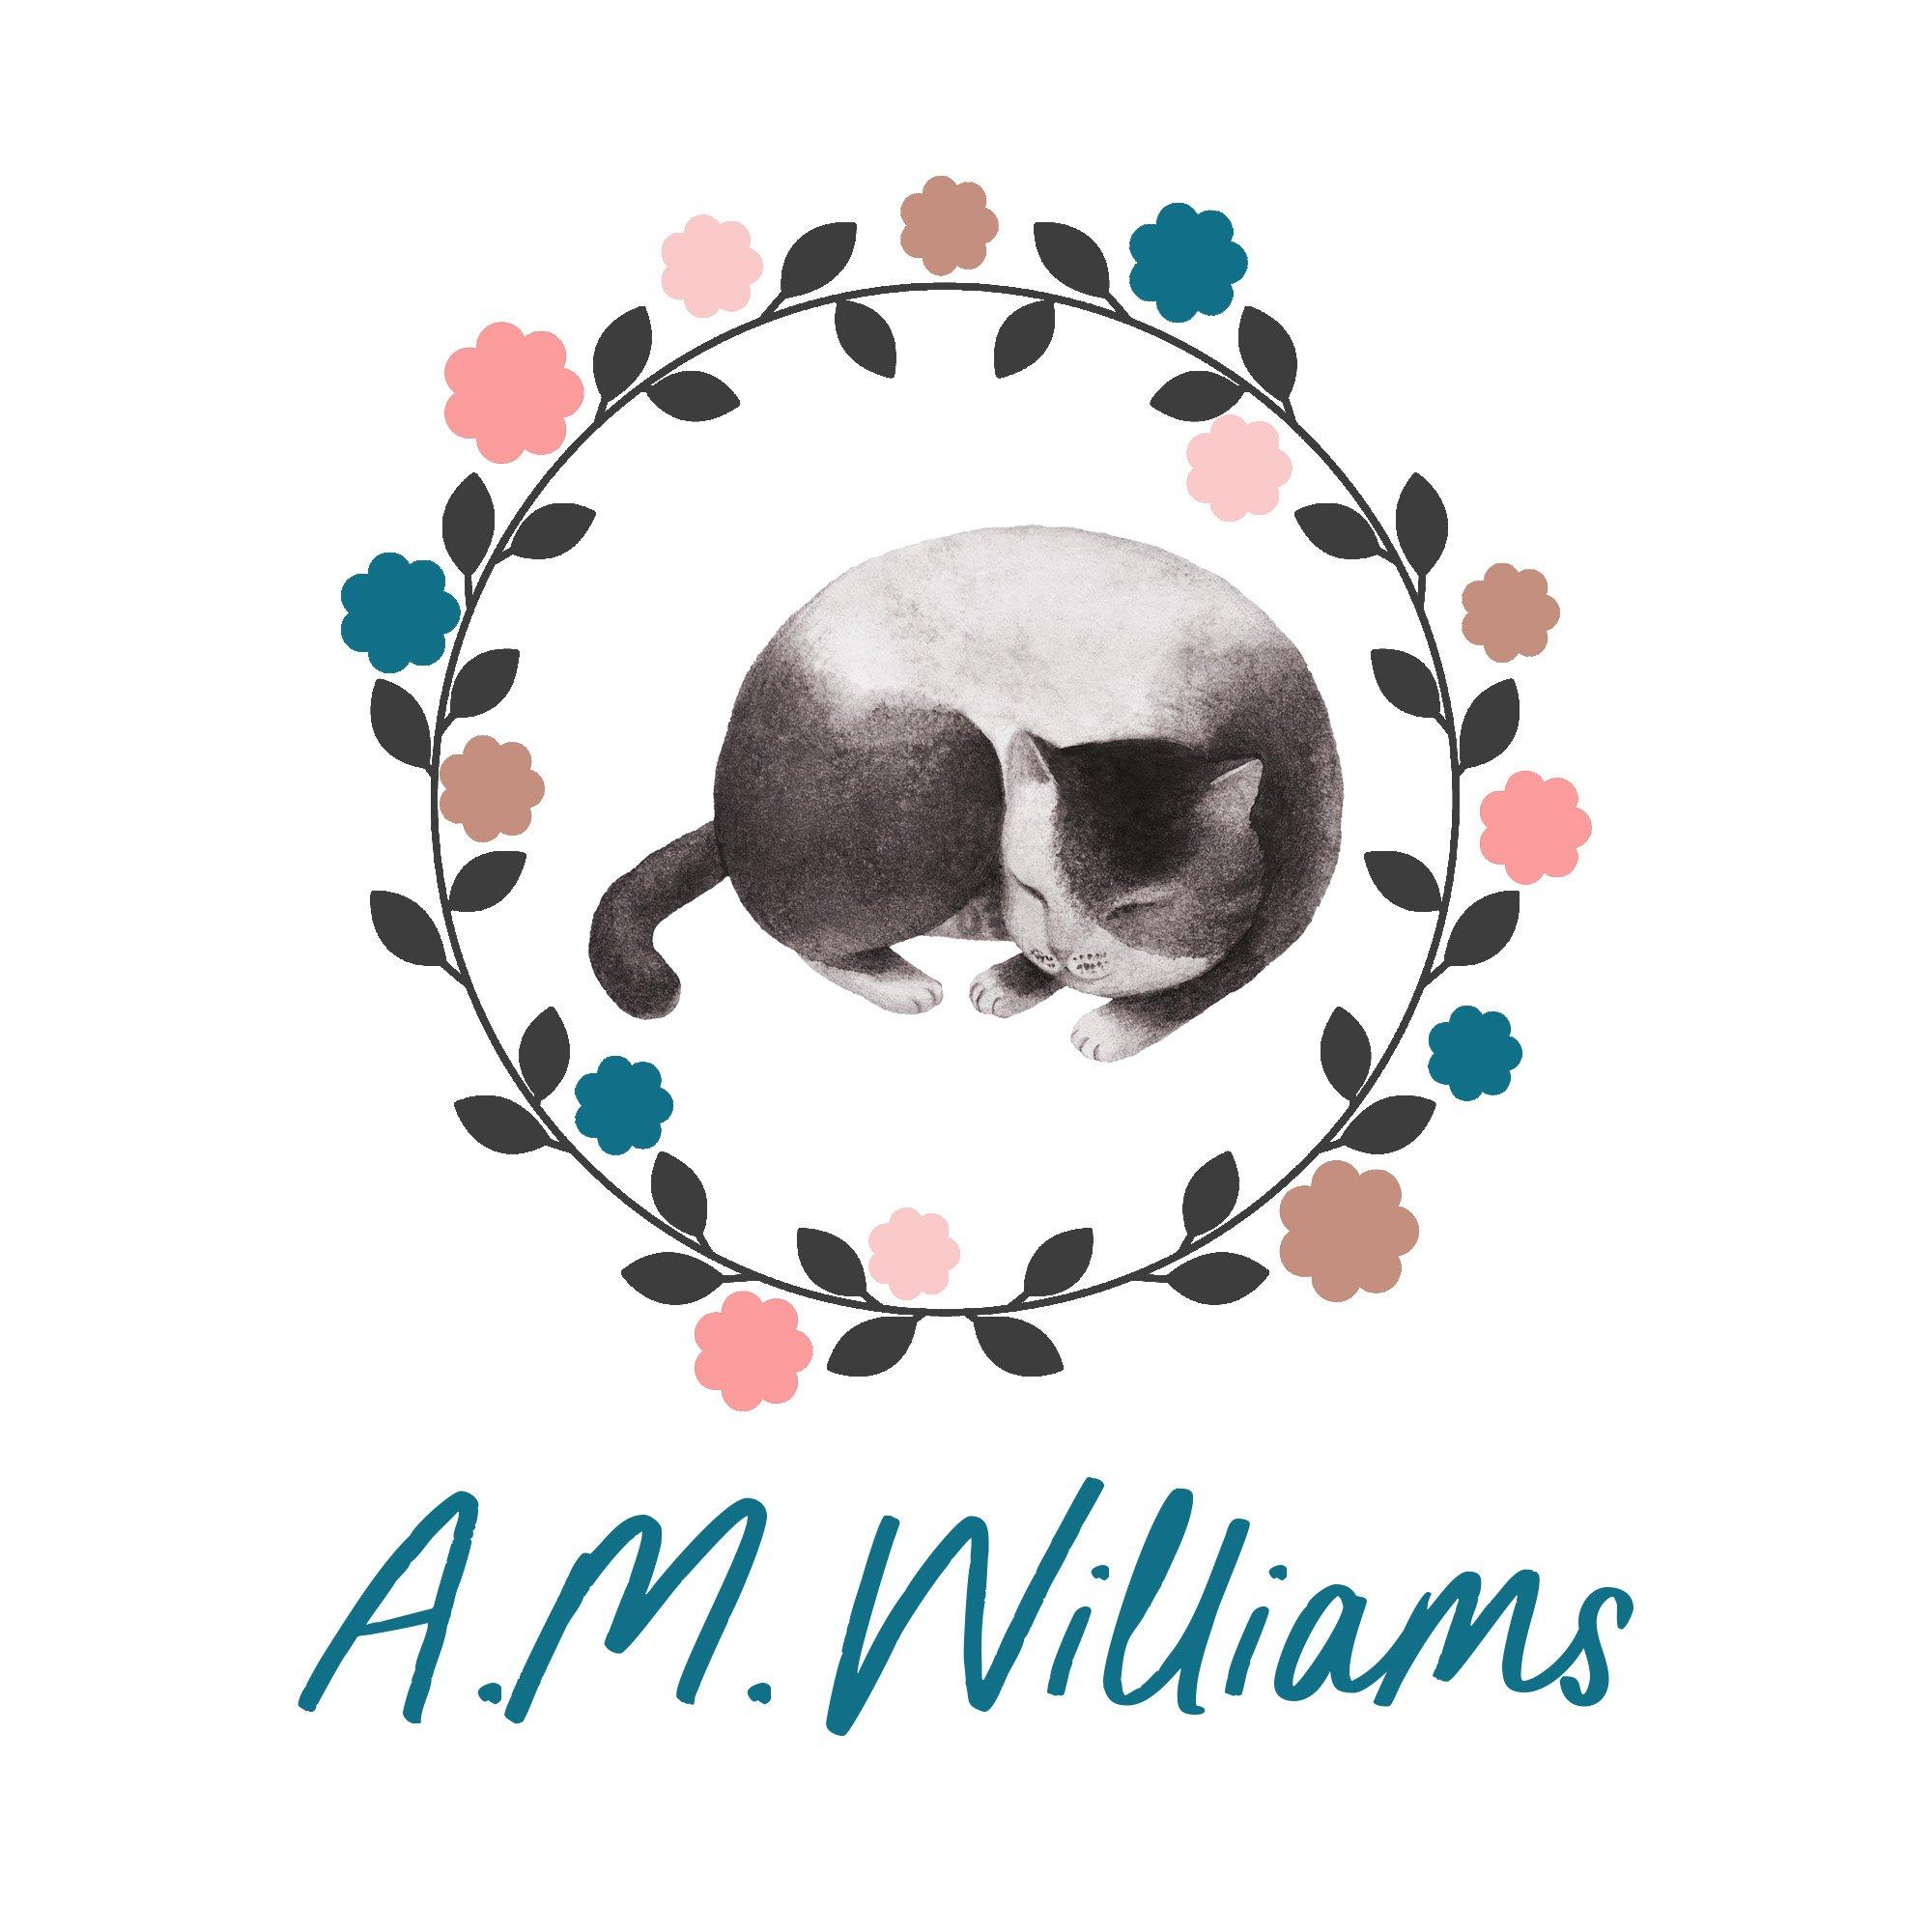 Author A.M. Williams